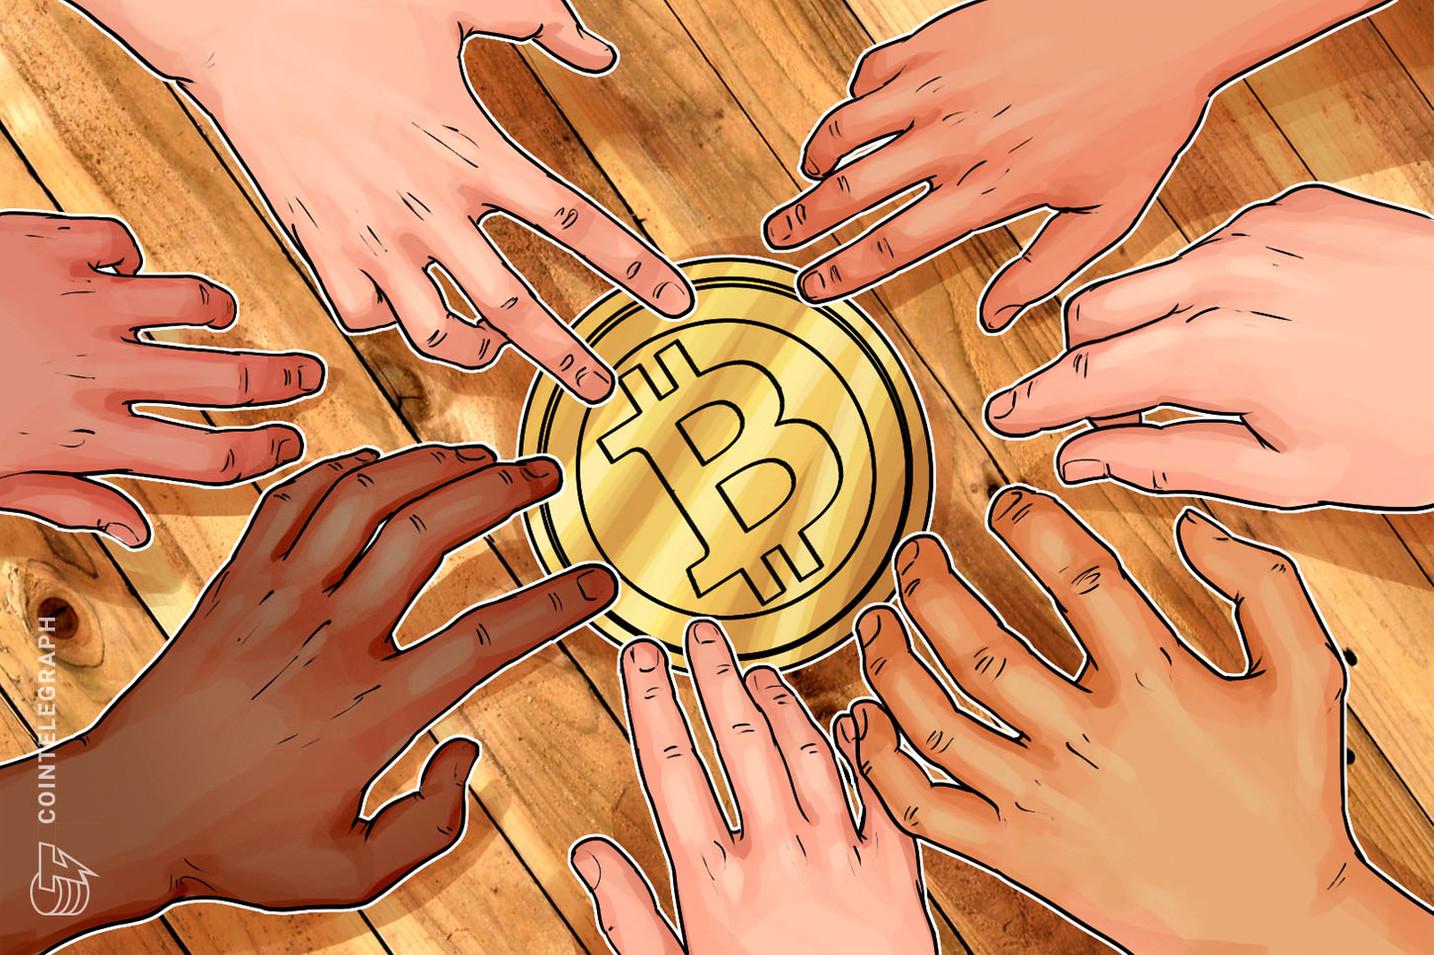 ビットコイン還元?米スーパー大手セイフウェイで実施 仮想通貨の価値保存手段に期待